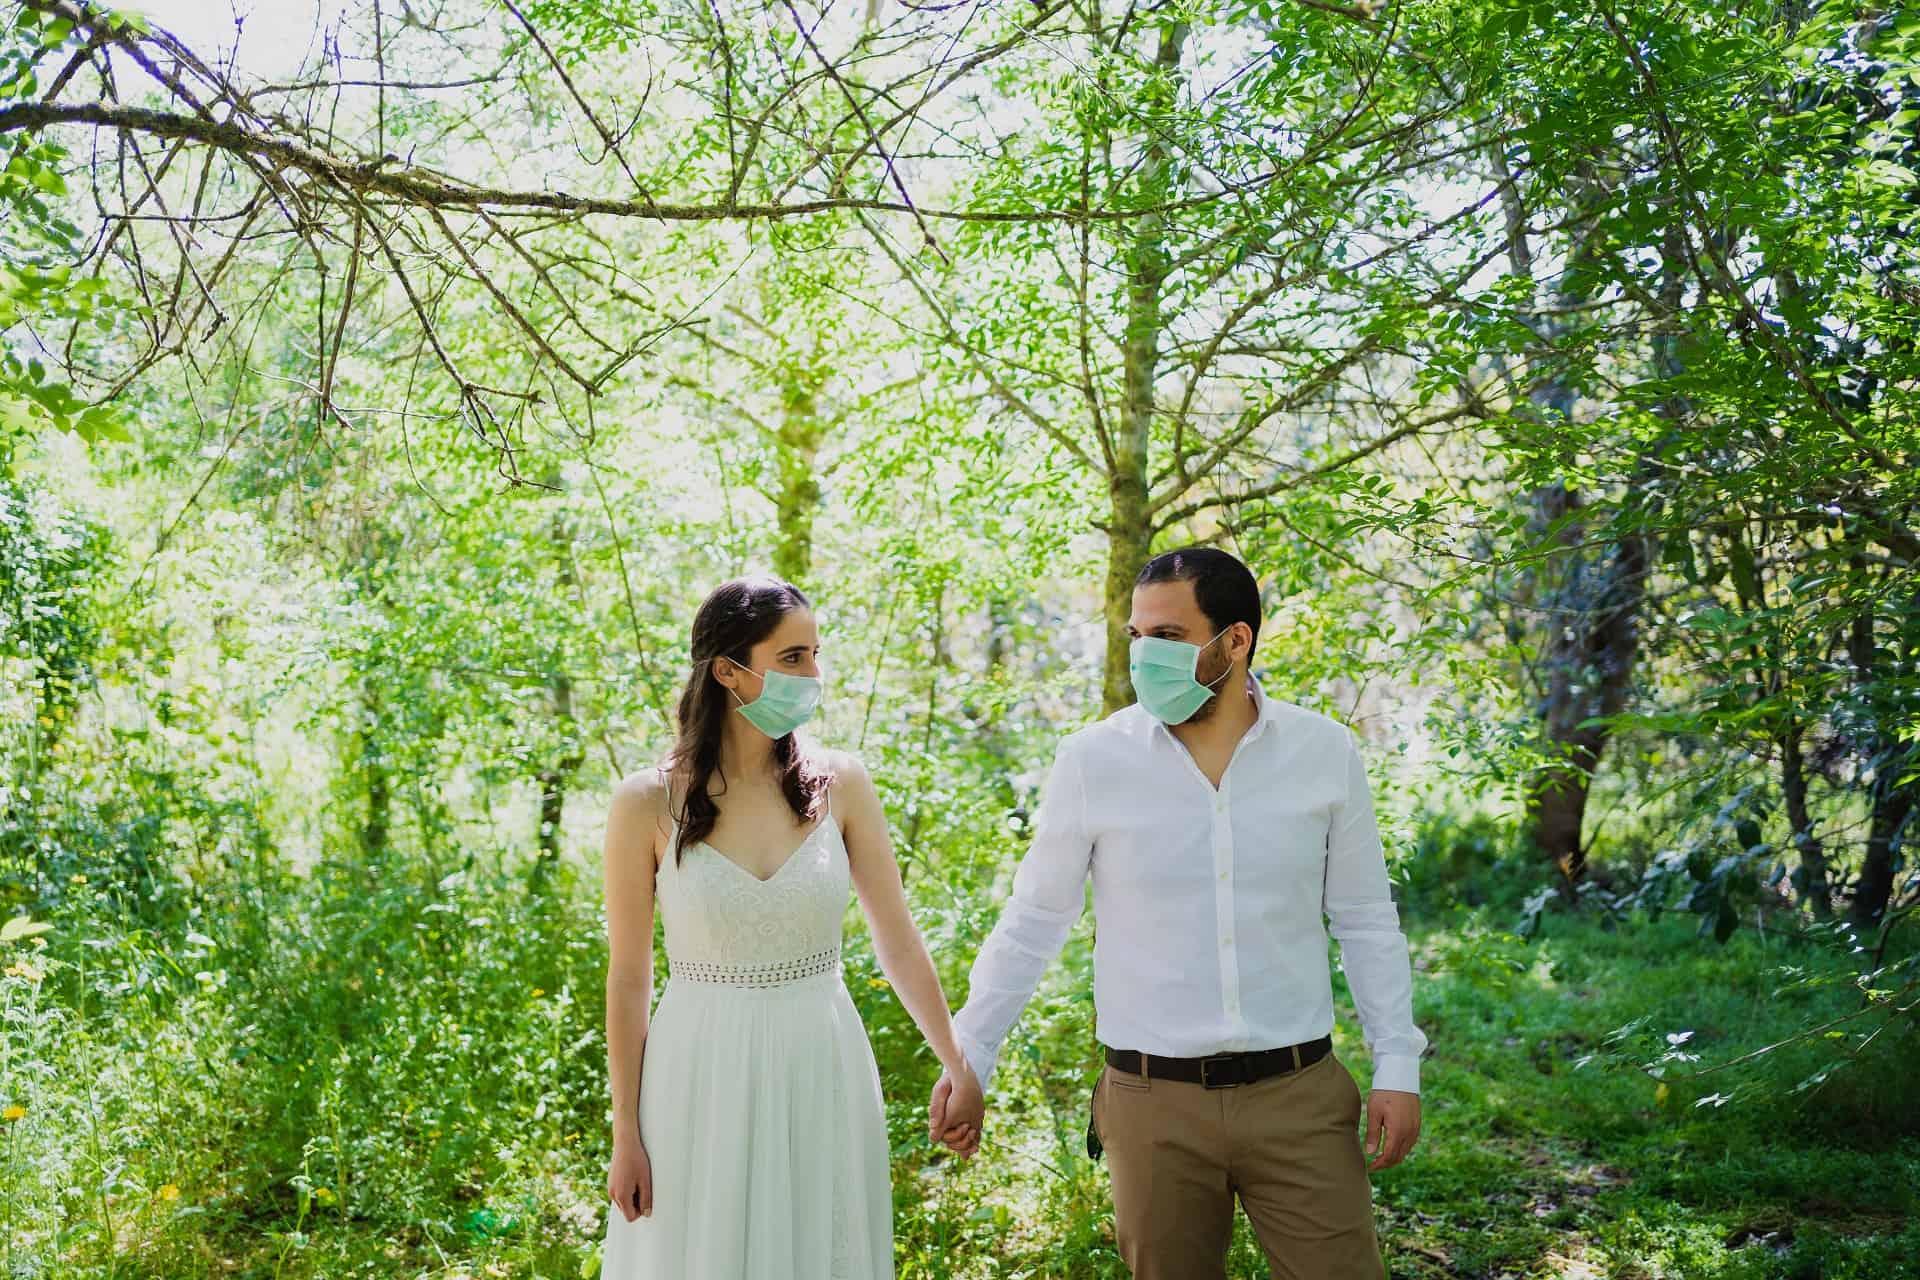 להתחתן בזמן הקורונה